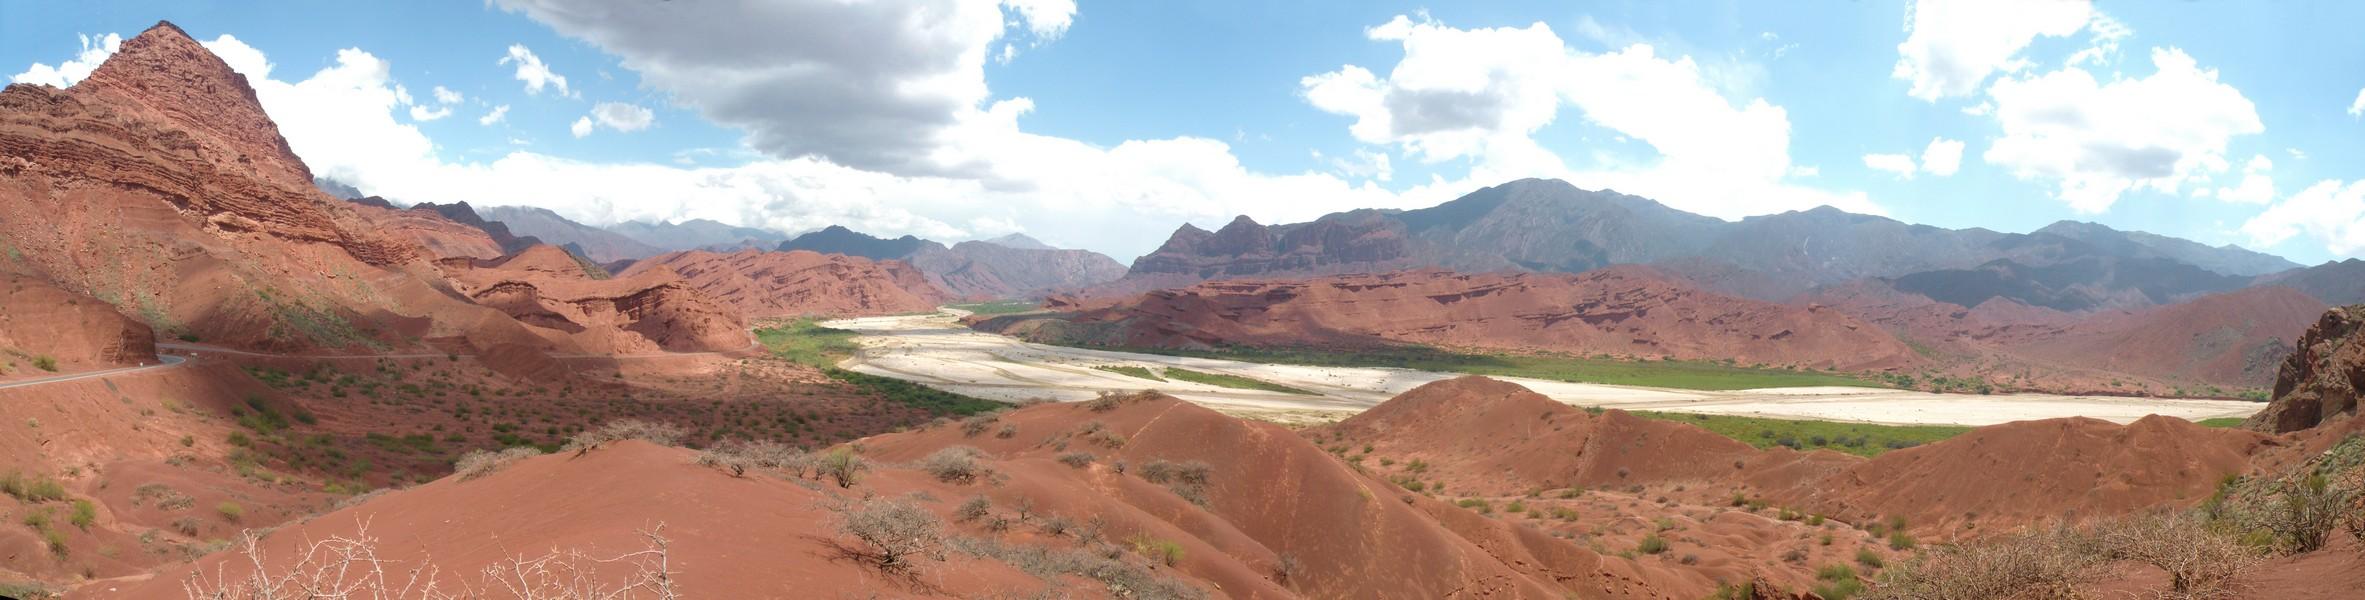 Quebrada de las Conchas - RN 68